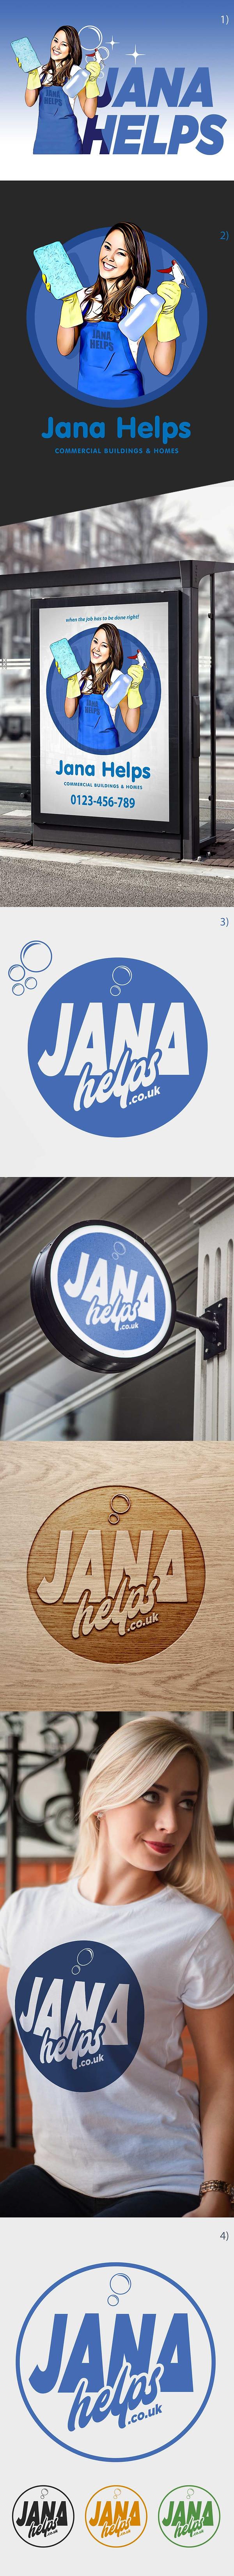 Vertical-JANA-Helps-1.jpg